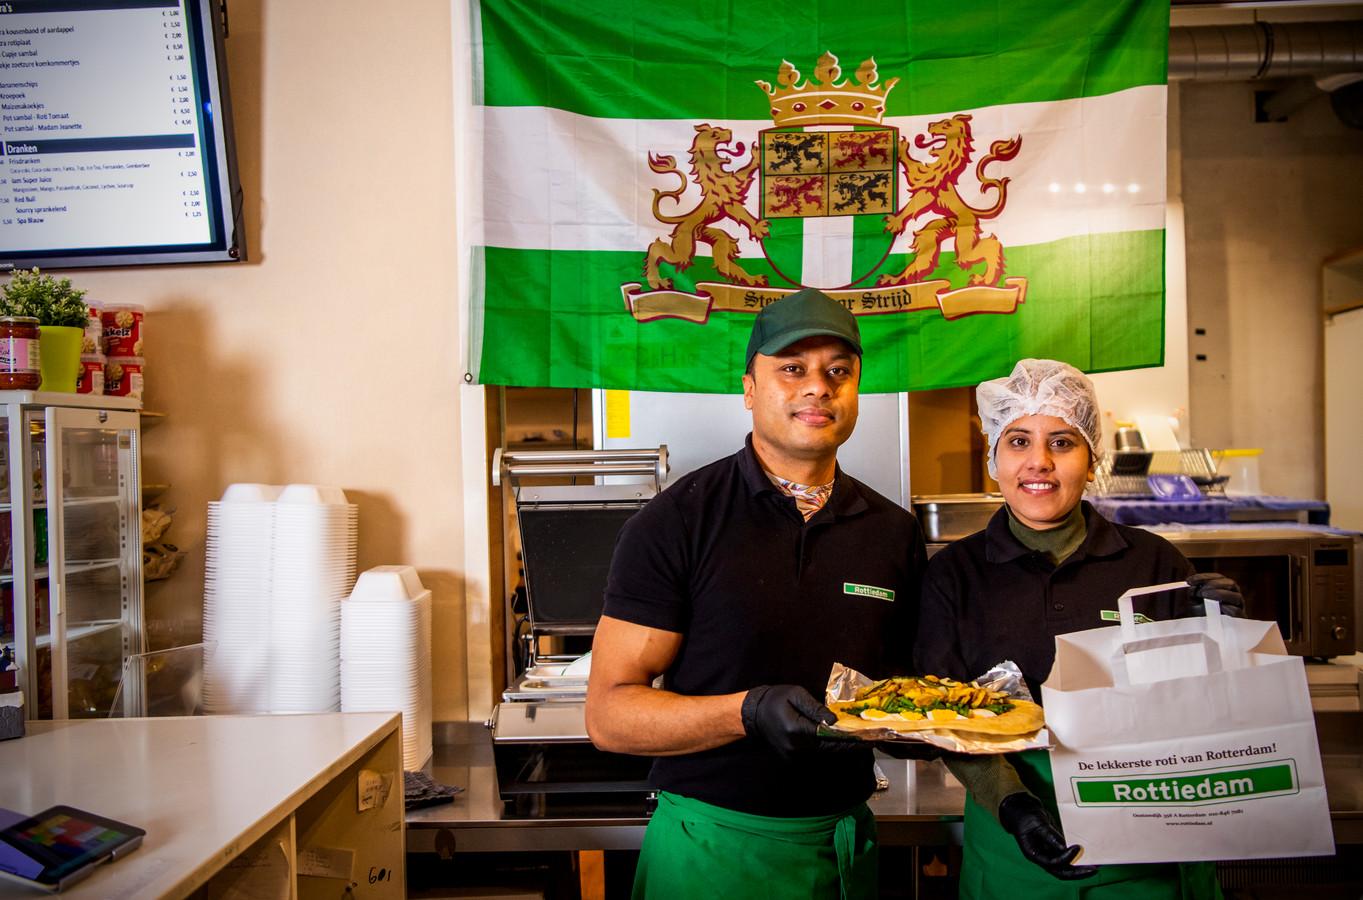 Hoe een kok uit Nepal een Surinaams-Hindoestaans gerecht kan maken, dat is bedacht door een Turkse kok? 'Dat is geen probleem'. De nieuwe eigenaar van Rottiedam, Uttam Kunwar (links), hier op de foto met mede-eigenaar Sanchita Sharma, voelt zich als een vis in het water in zijn nieuwe zaak en vertelt waarom.